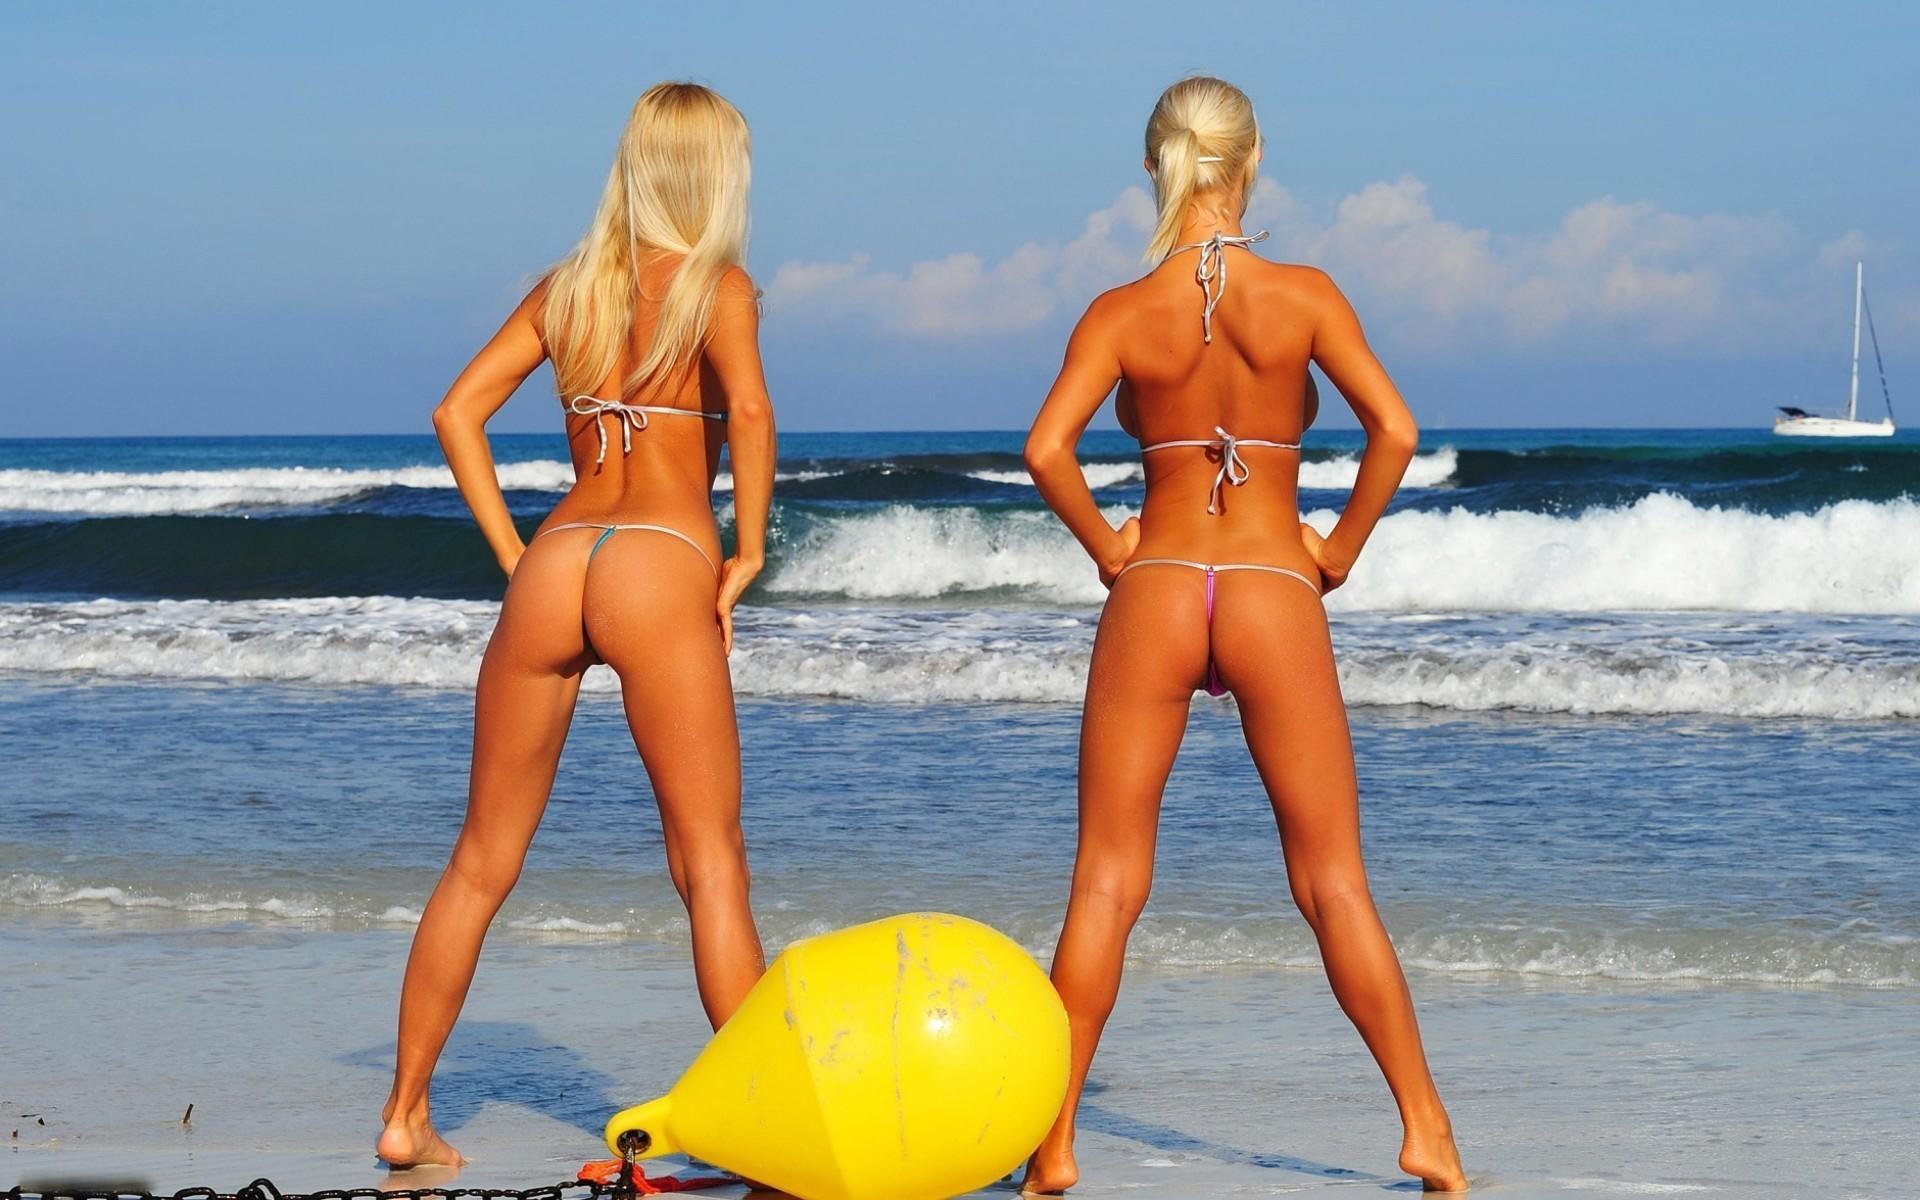 Русские телочки на пляже, Порно на пляже онлайн бесплатно в хорошем качестве 16 фотография